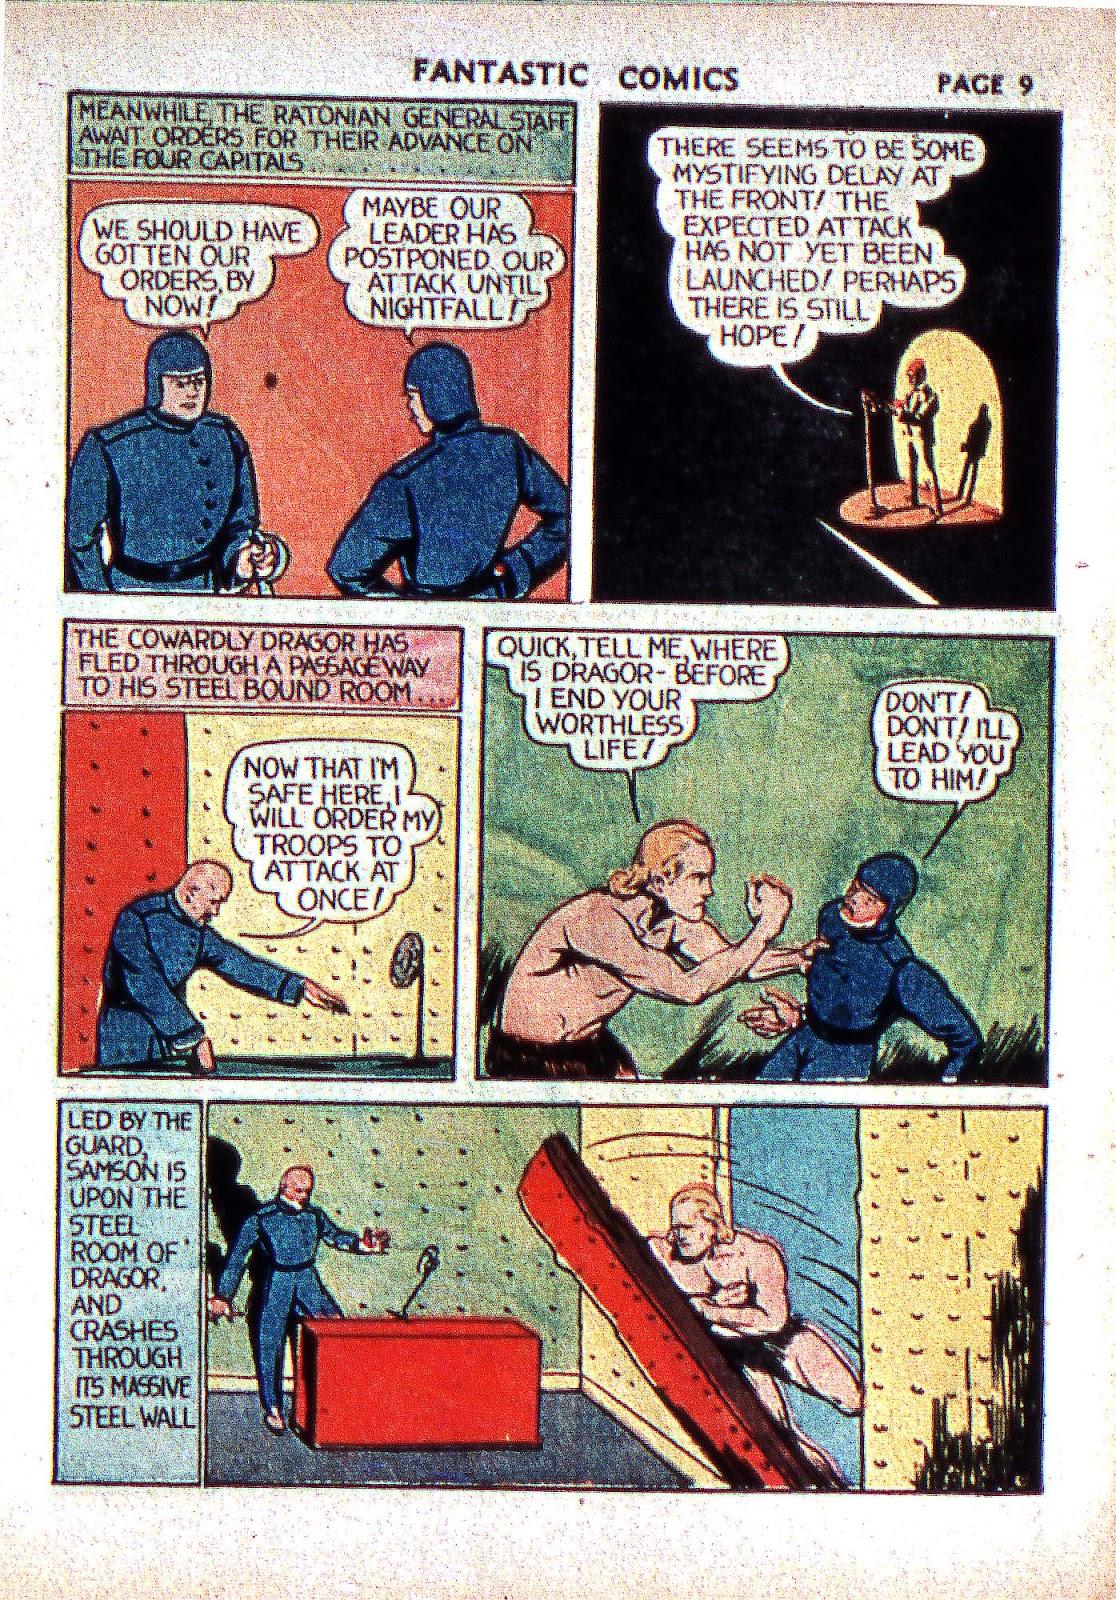 Read online Fantastic Comics comic -  Issue #2 - 11